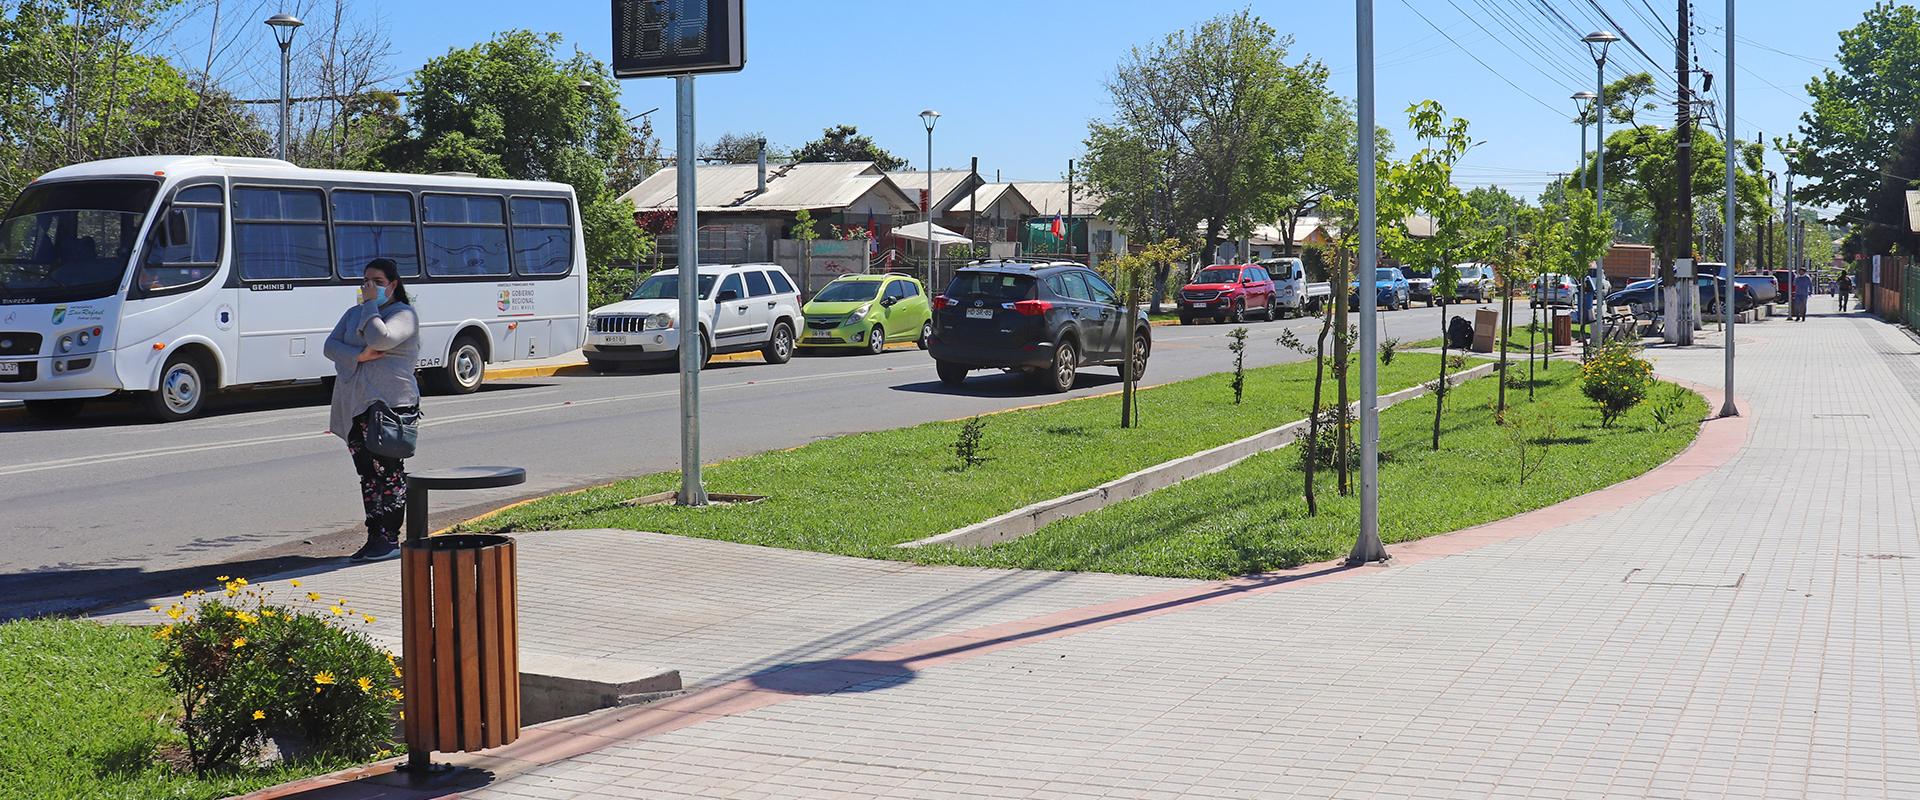 calle con amplia vereda, áreas verdes y seguridad para las personas